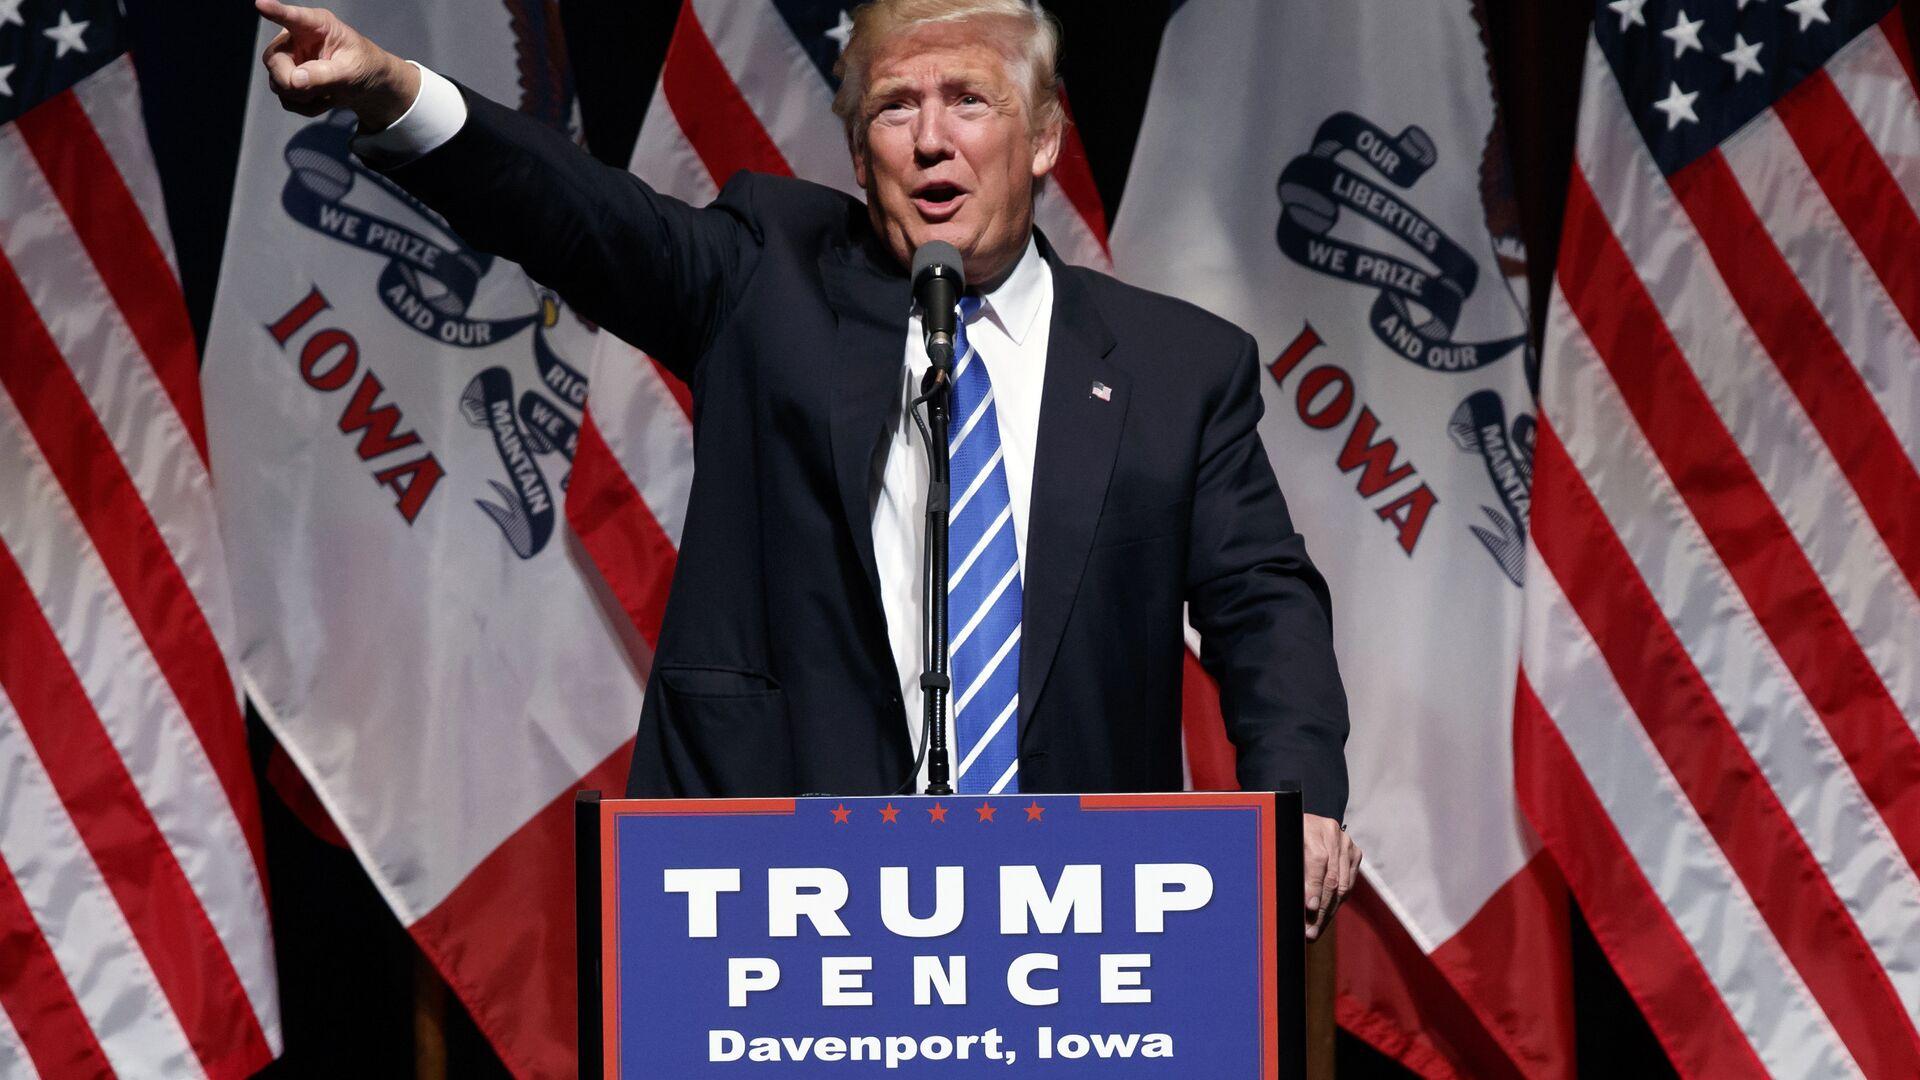 Кандидат в президенты США от Республиканской партии Дональд Трамп. 28 июля 2016 - РИА Новости, 1920, 16.10.2020